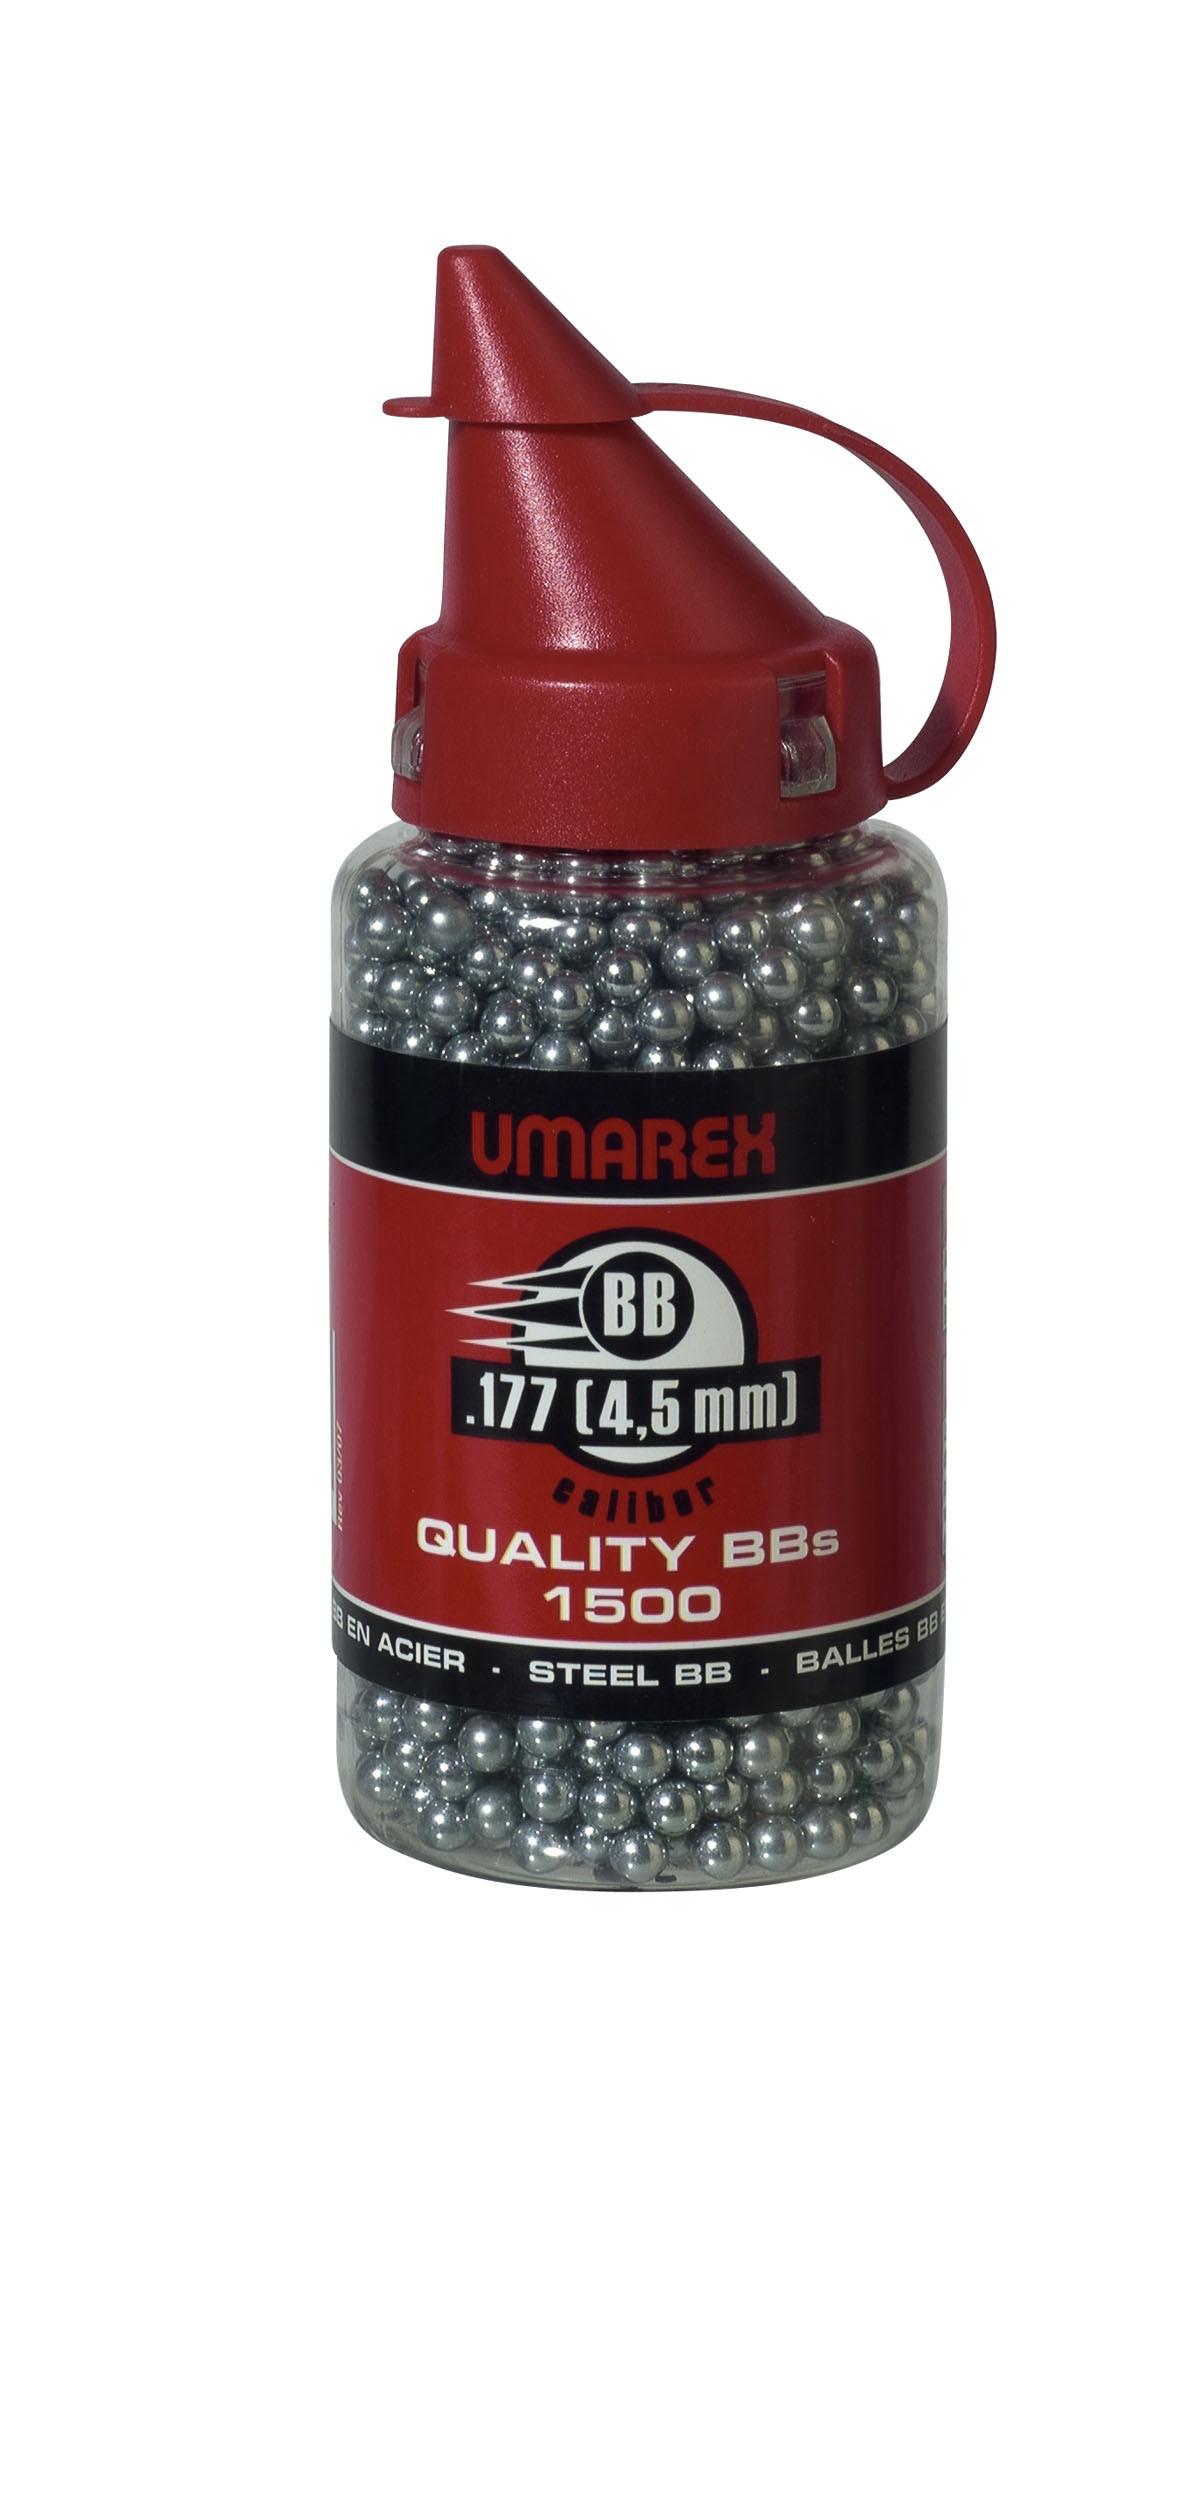 Plombs-ronds-Cal 4.5mm-Air comprimé-ou C02 -Sphériques acier-Par 1500.Ref 11056-27190